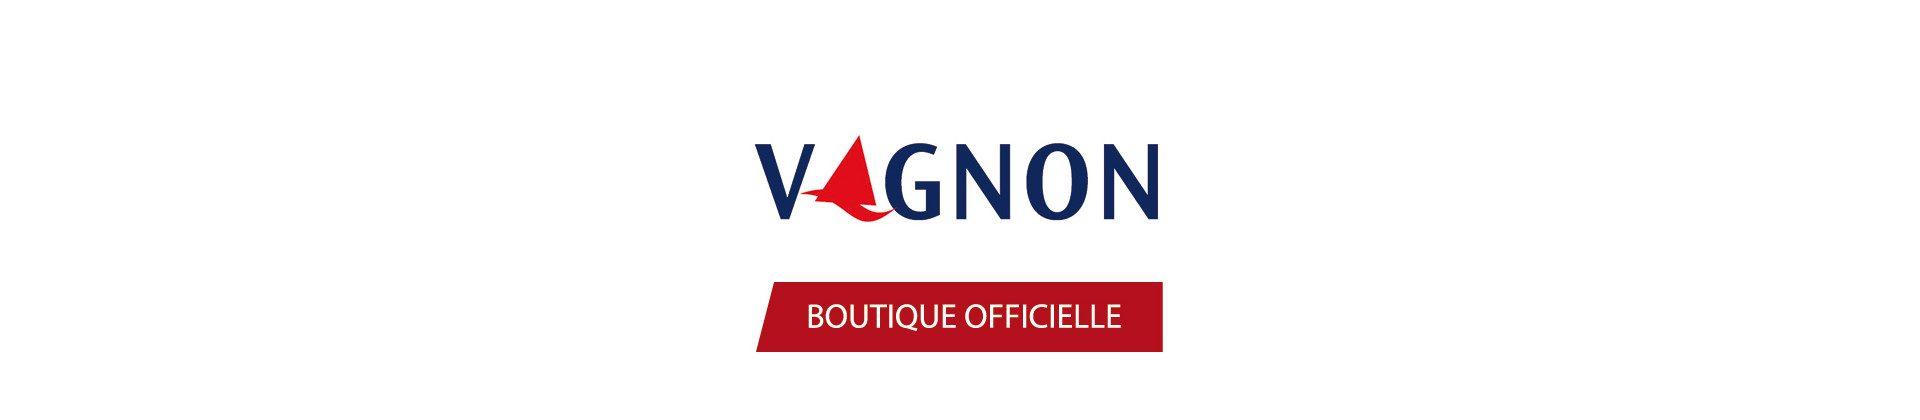 Librairie Maritime Vagnon